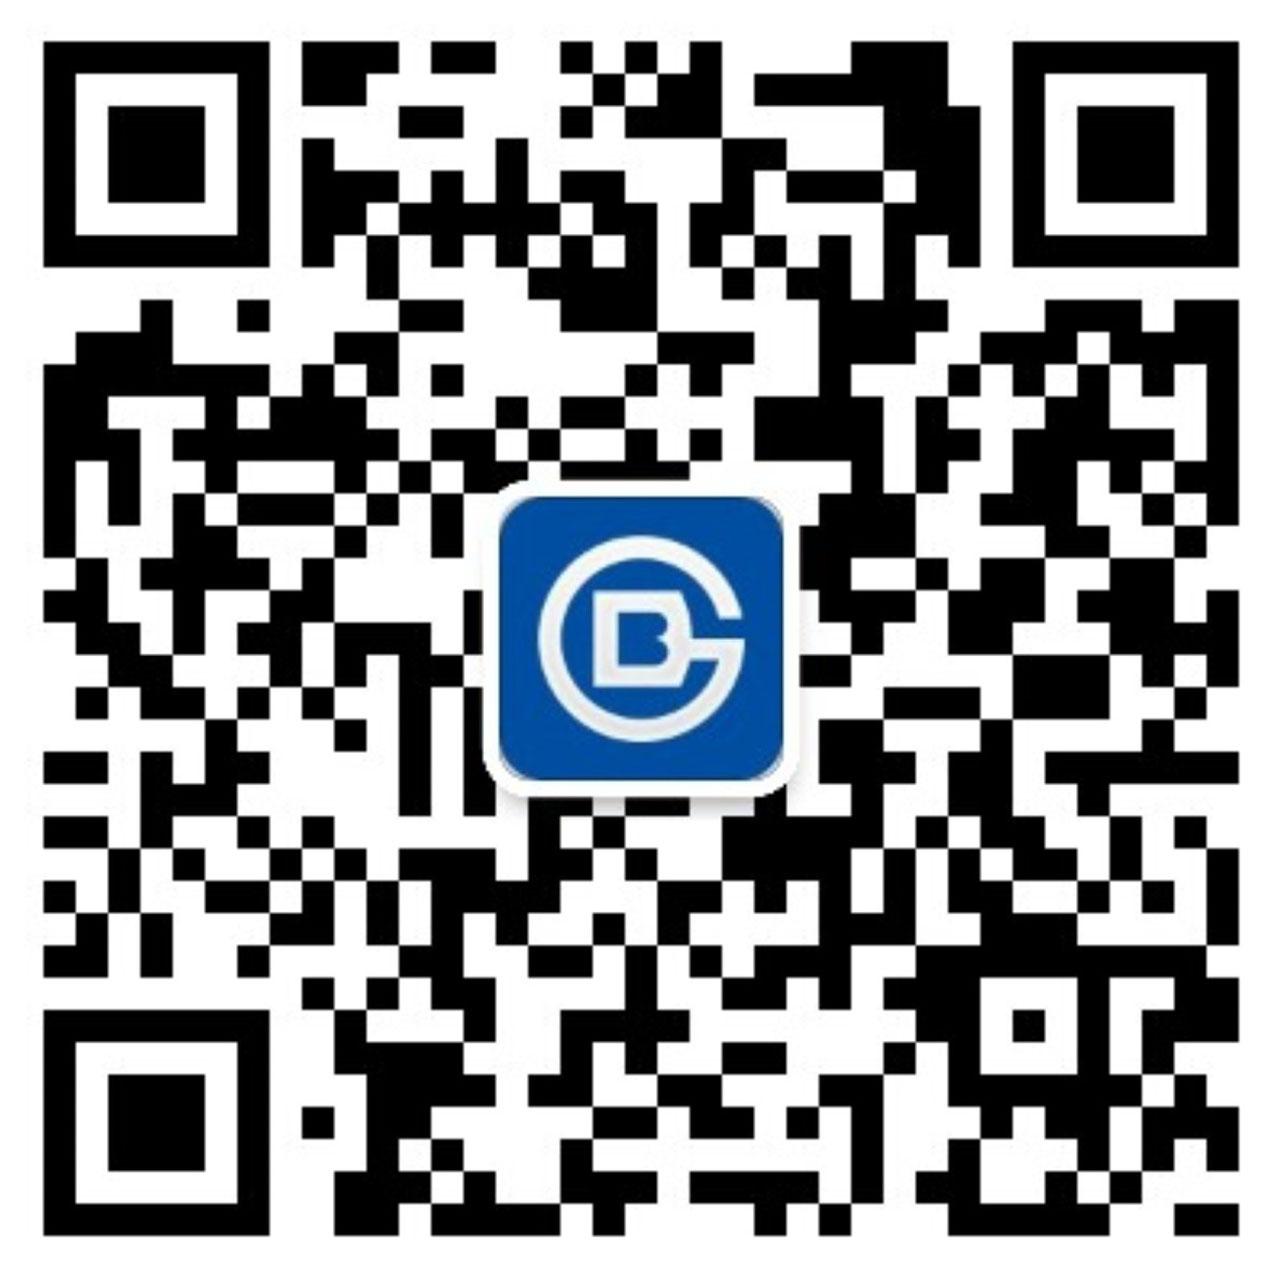 北京地铁微信公众号 小程序 北京地铁小程序 北京地铁公众号 北京地铁微信 北京地铁 北京地铁  第2张